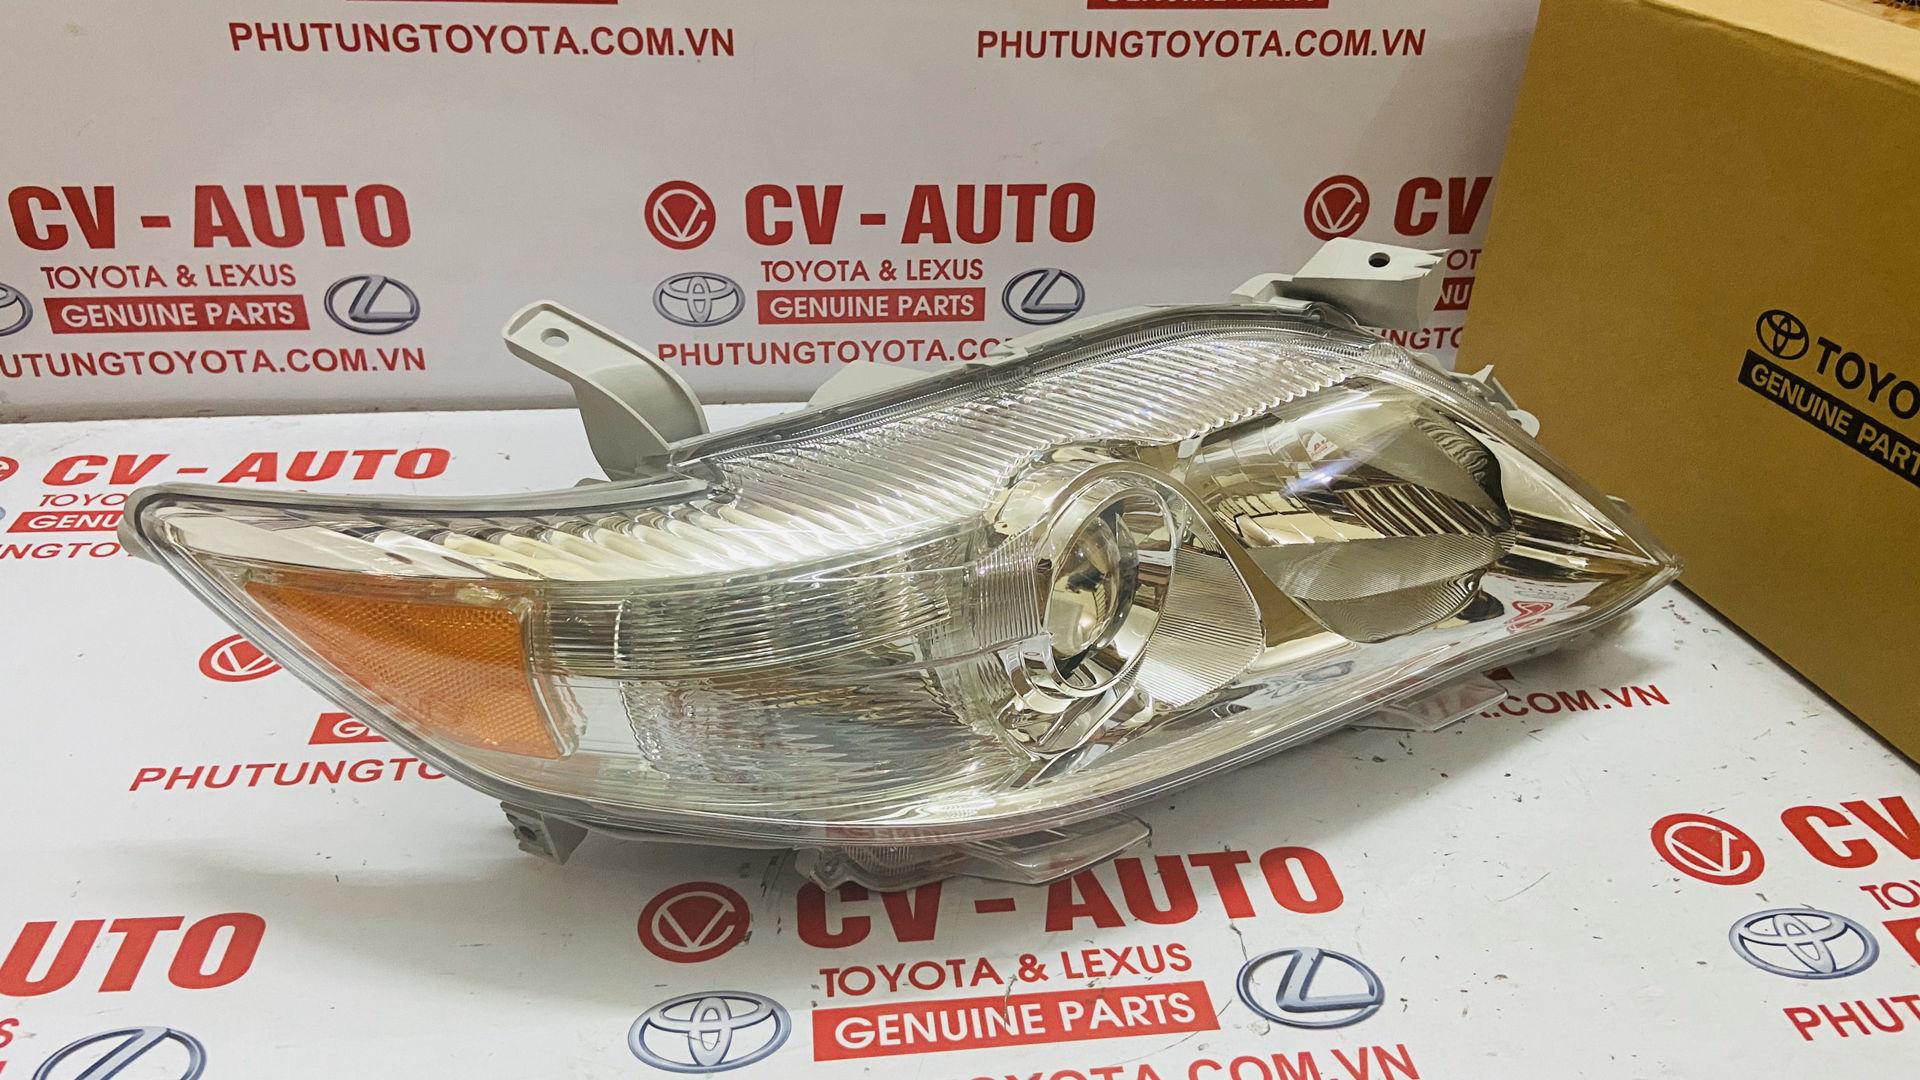 Picture of 81170-33700 81130-33700 Đèn pha Toyota Camry LE 2009-2011 chính hãng